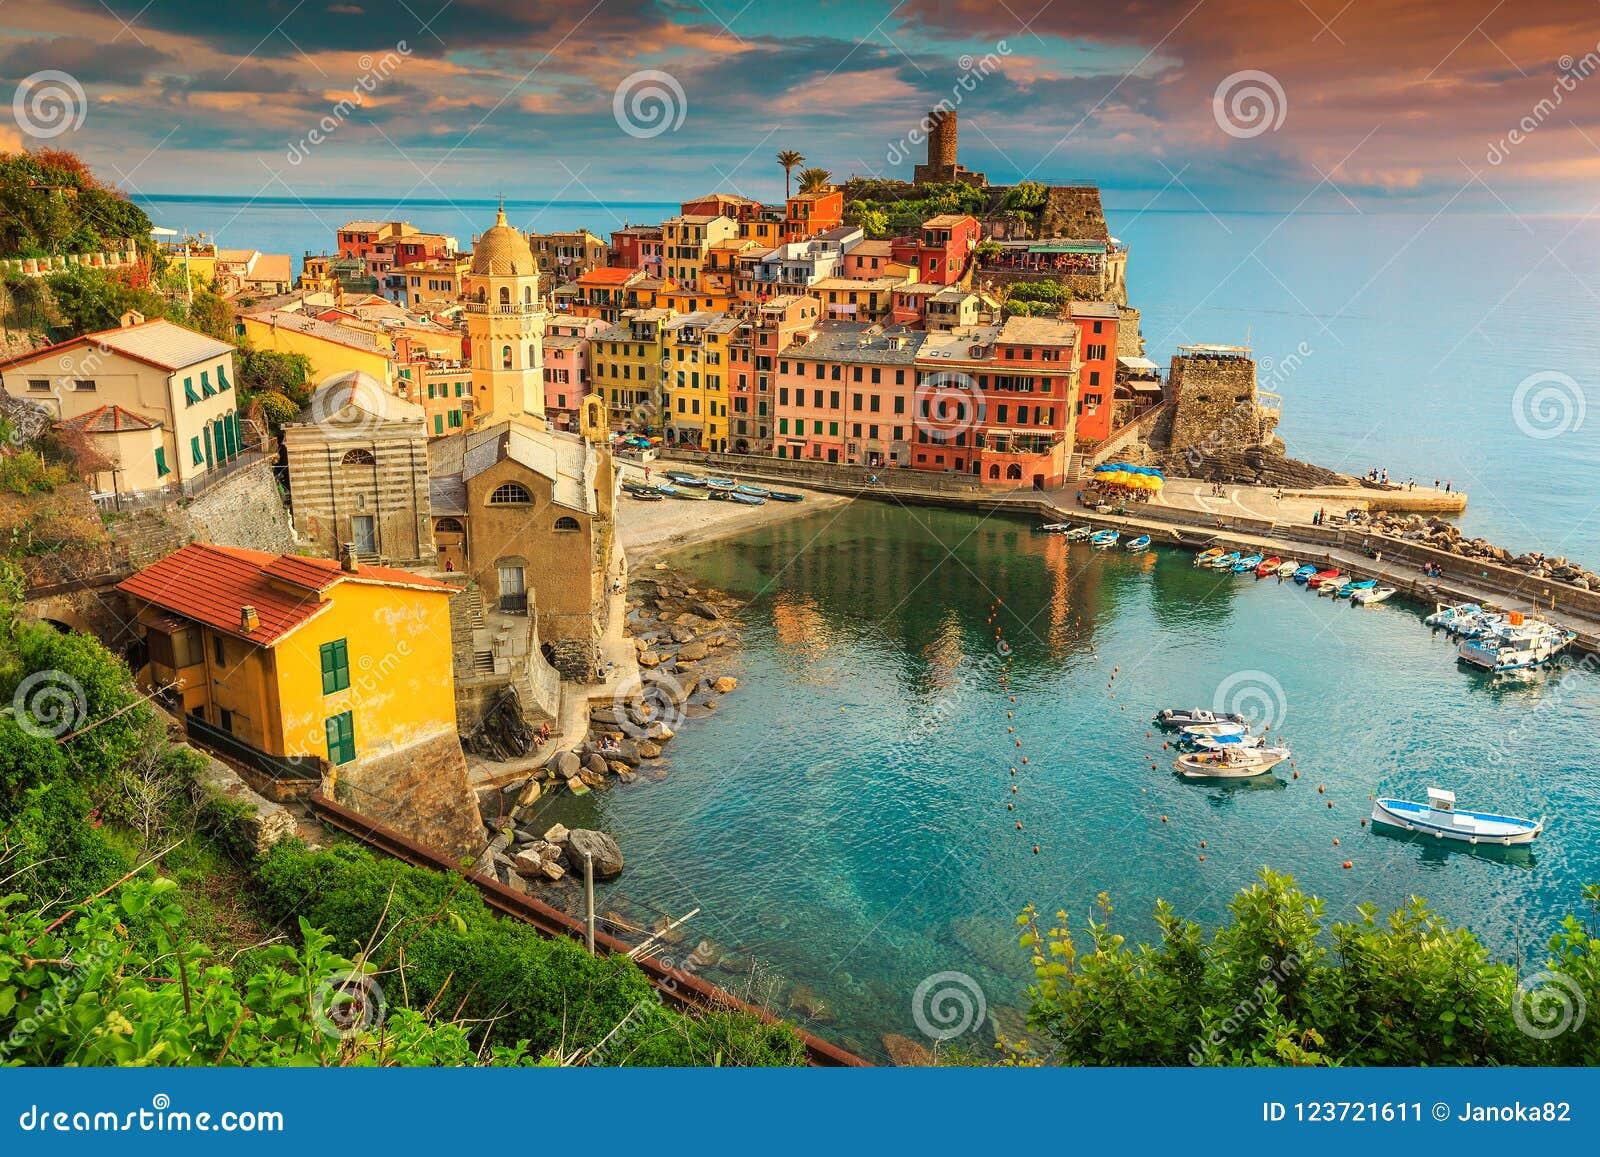 Villaggio fantastico con il tramonto variopinto, Cinque Terre, Italia, Europa di Vernazza